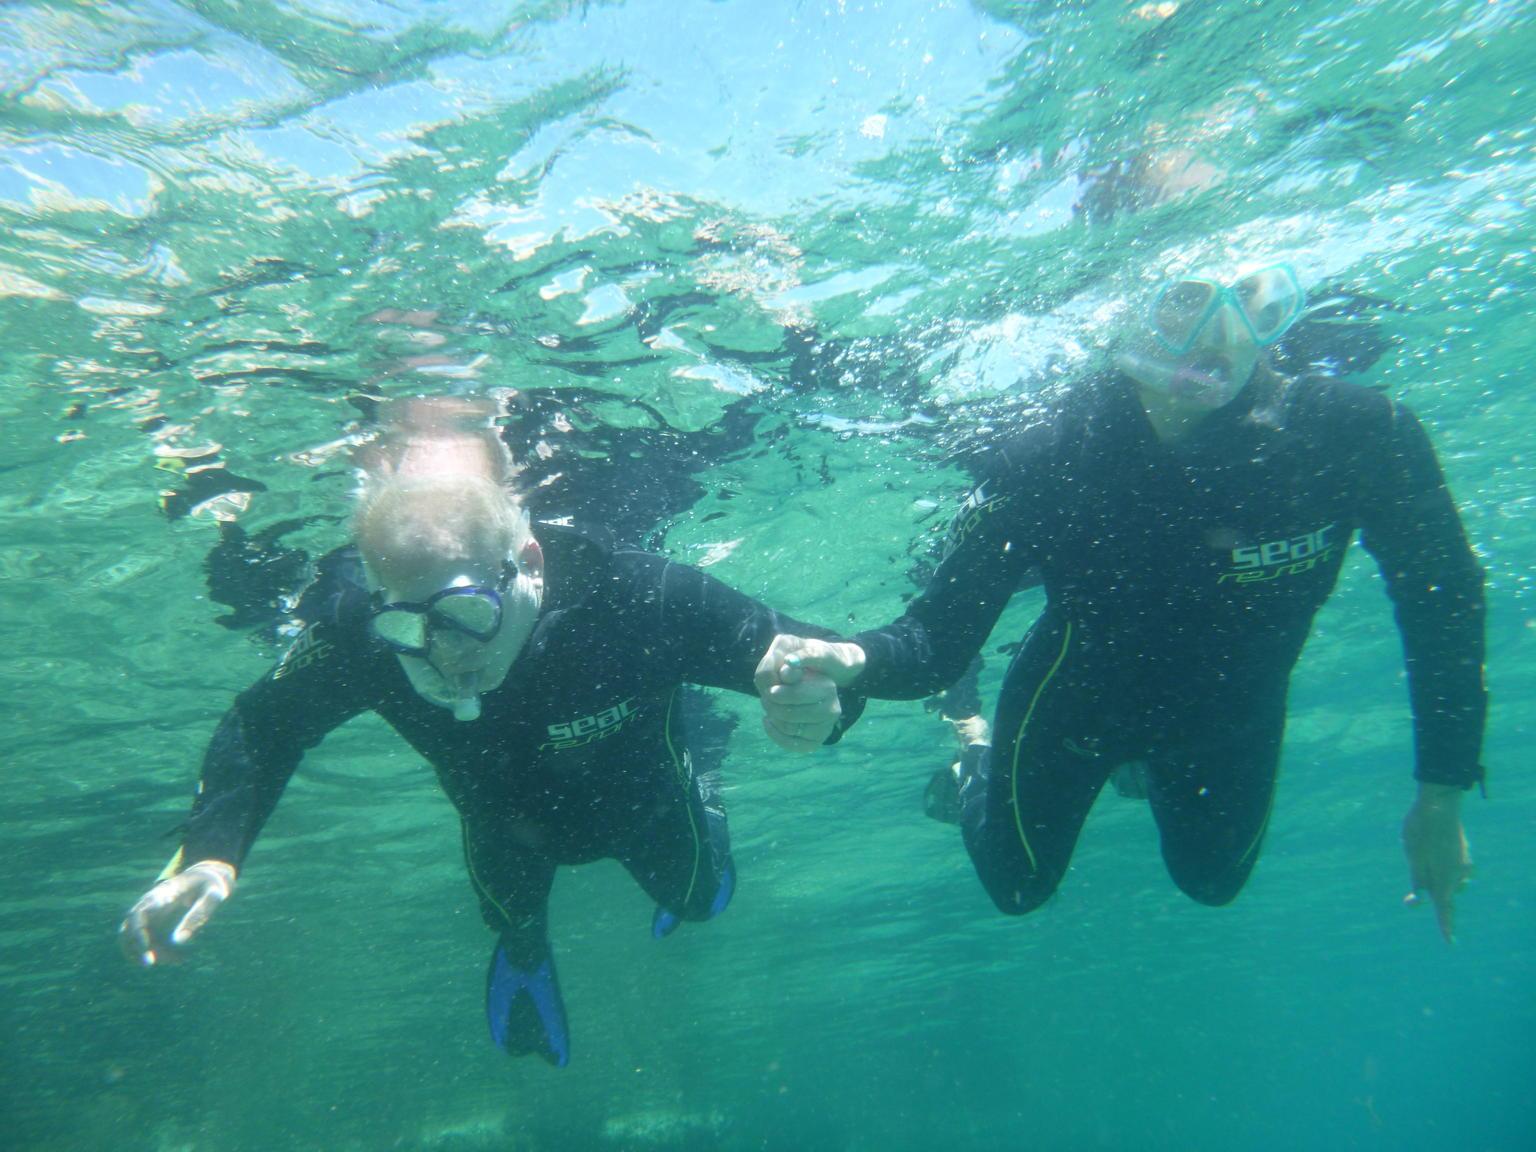 MÁS FOTOS, Travesía en barco y buceo de superficie desde La Canea